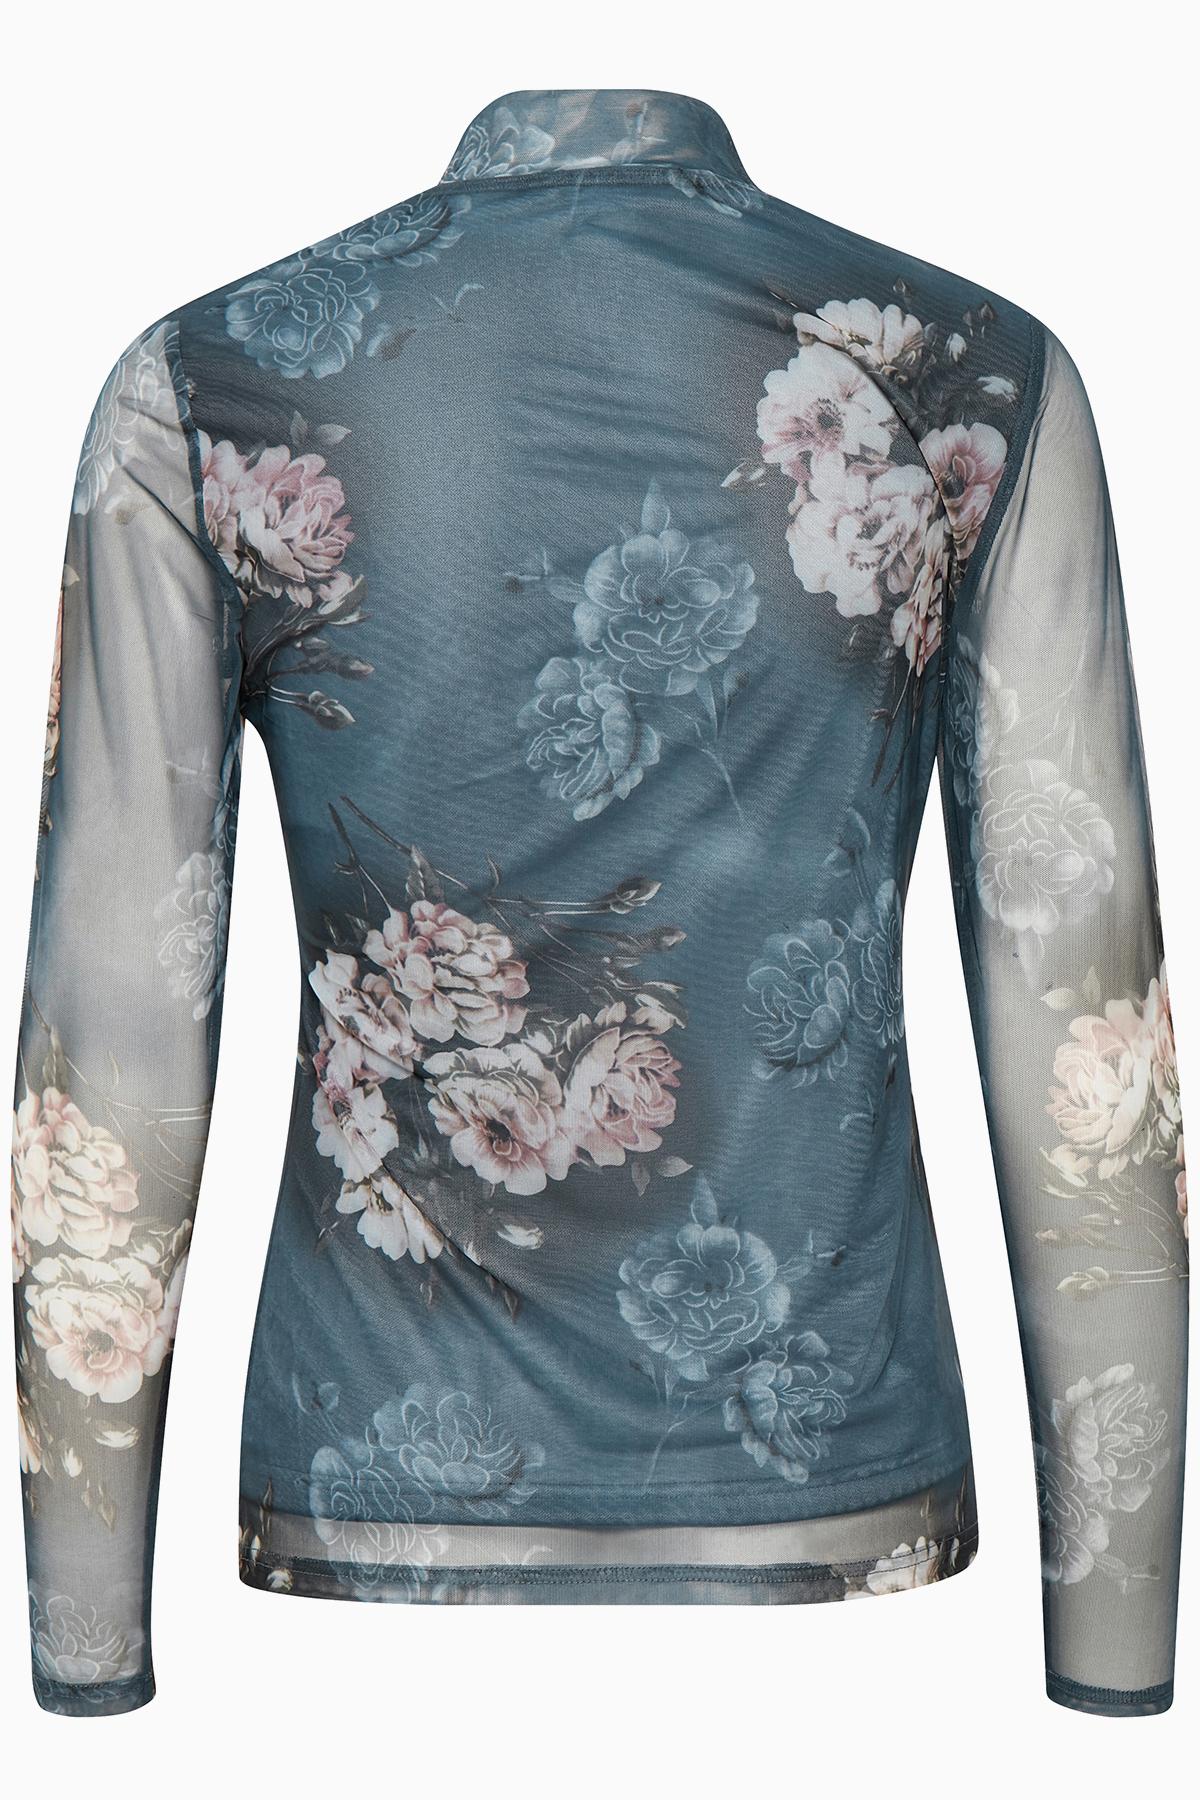 Denimblå Langærmet bluse  fra Kaffe – Køb Denimblå Langærmet bluse  fra str. XS-XXL her